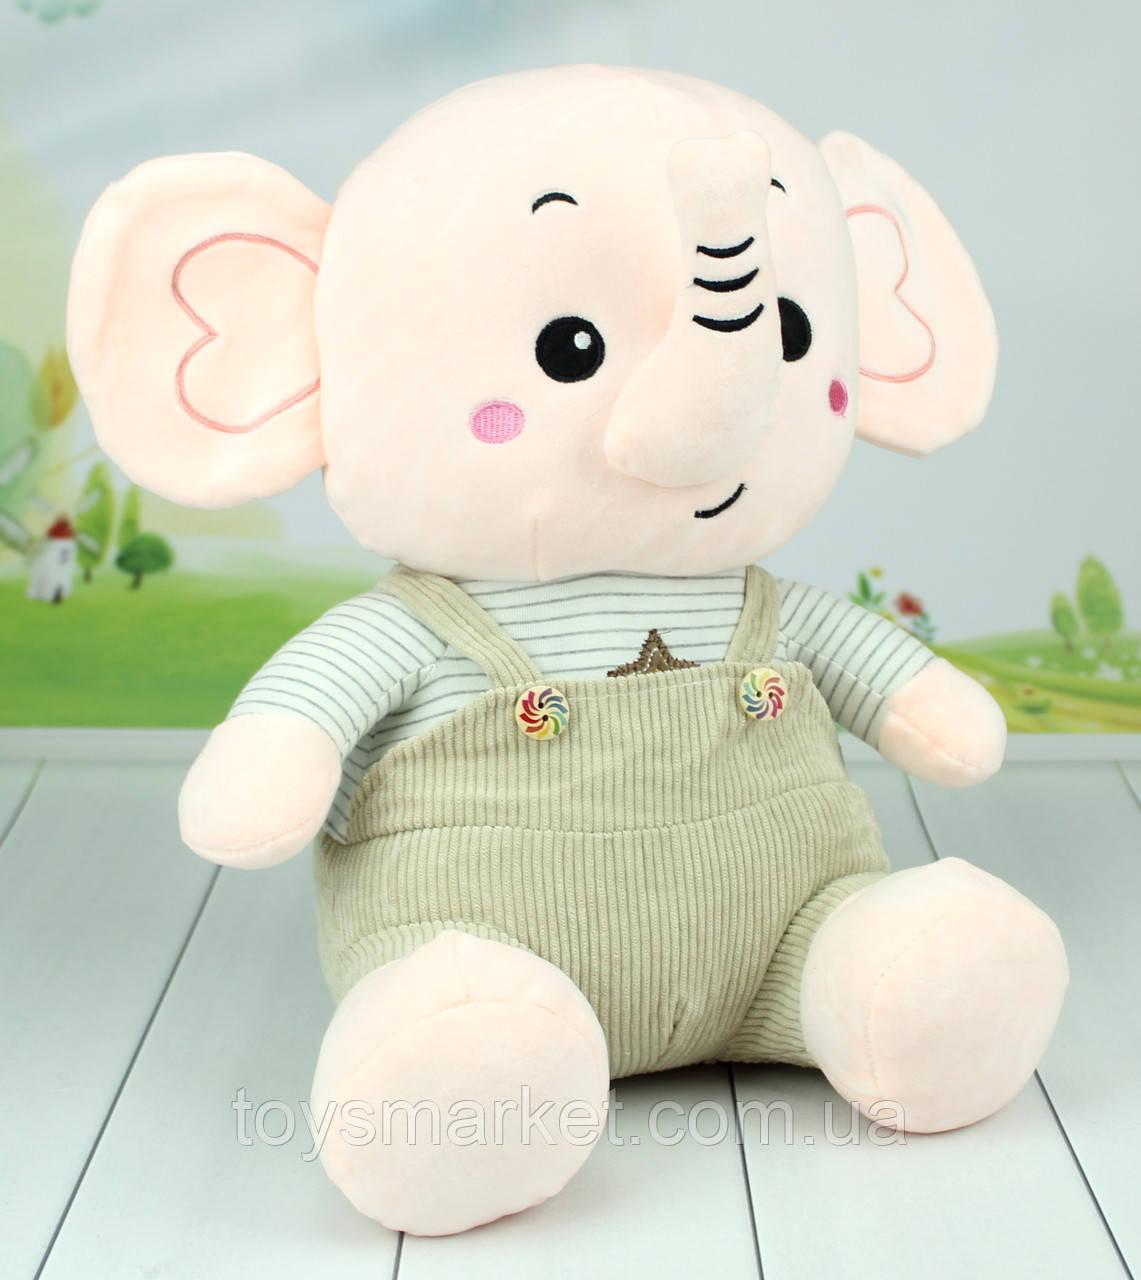 Мягкая игрушка слон, плюшевый слоник, 45 см.